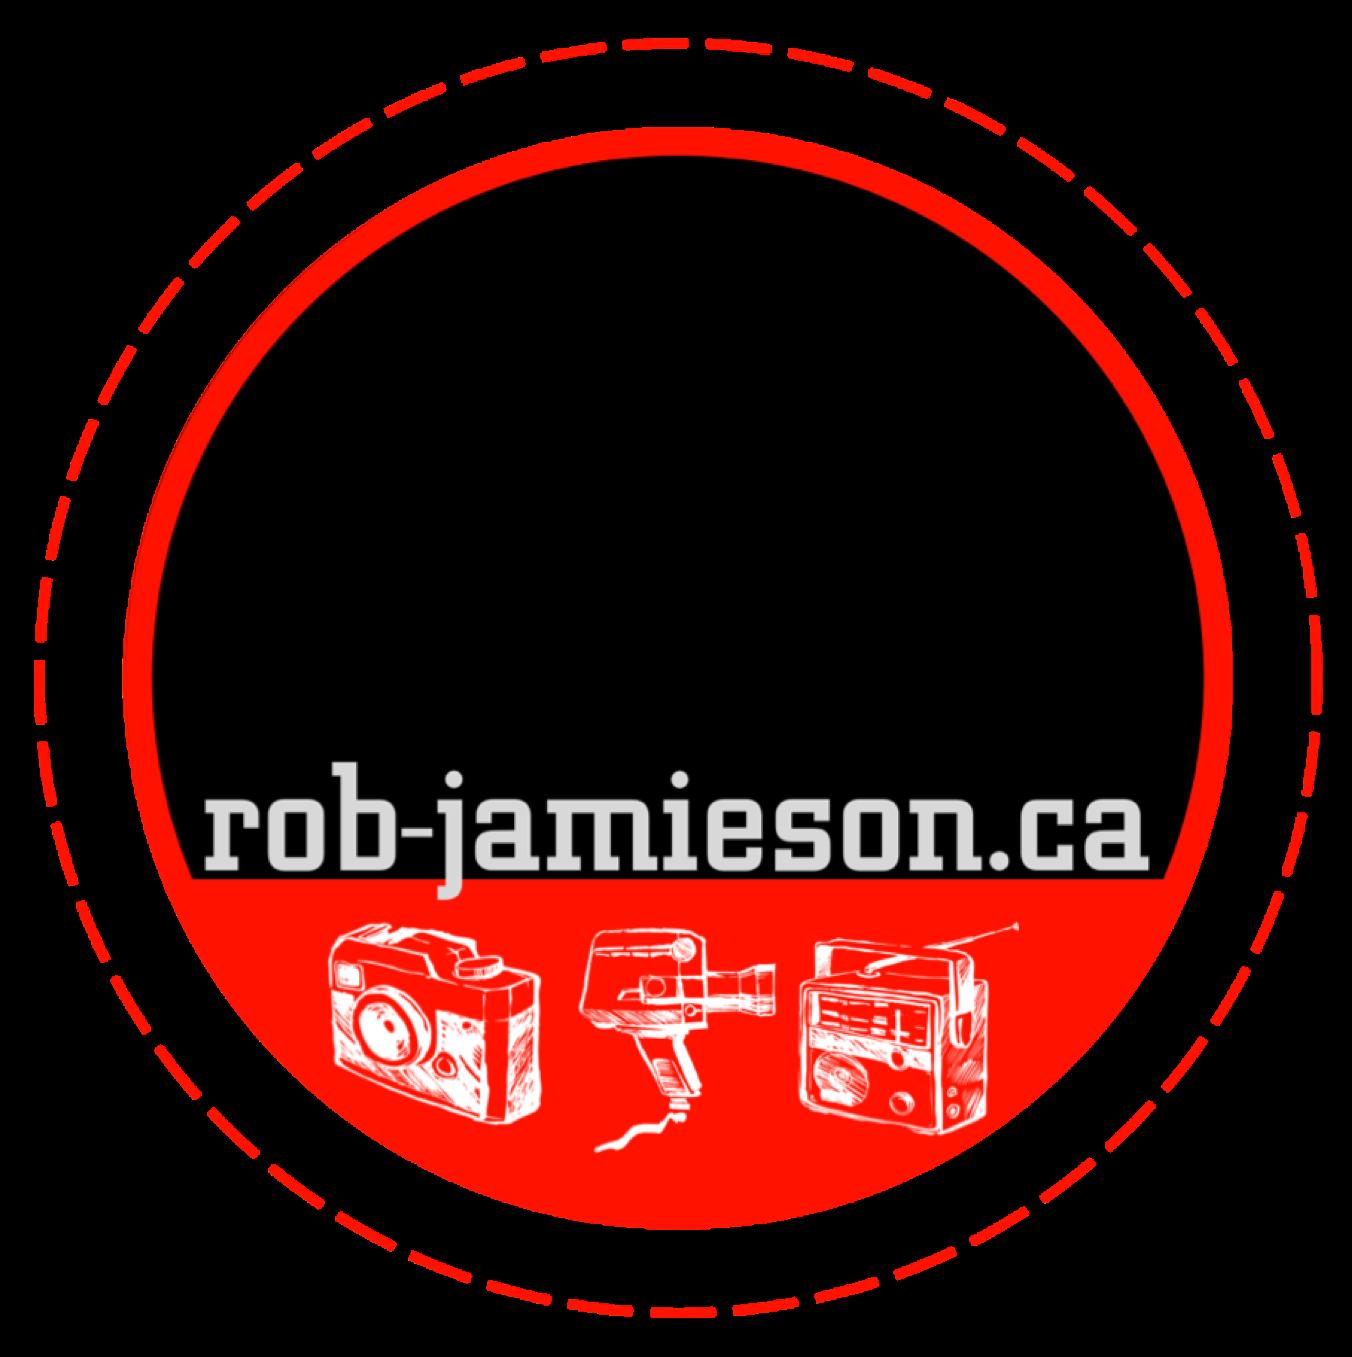 rob-jamieson.ca